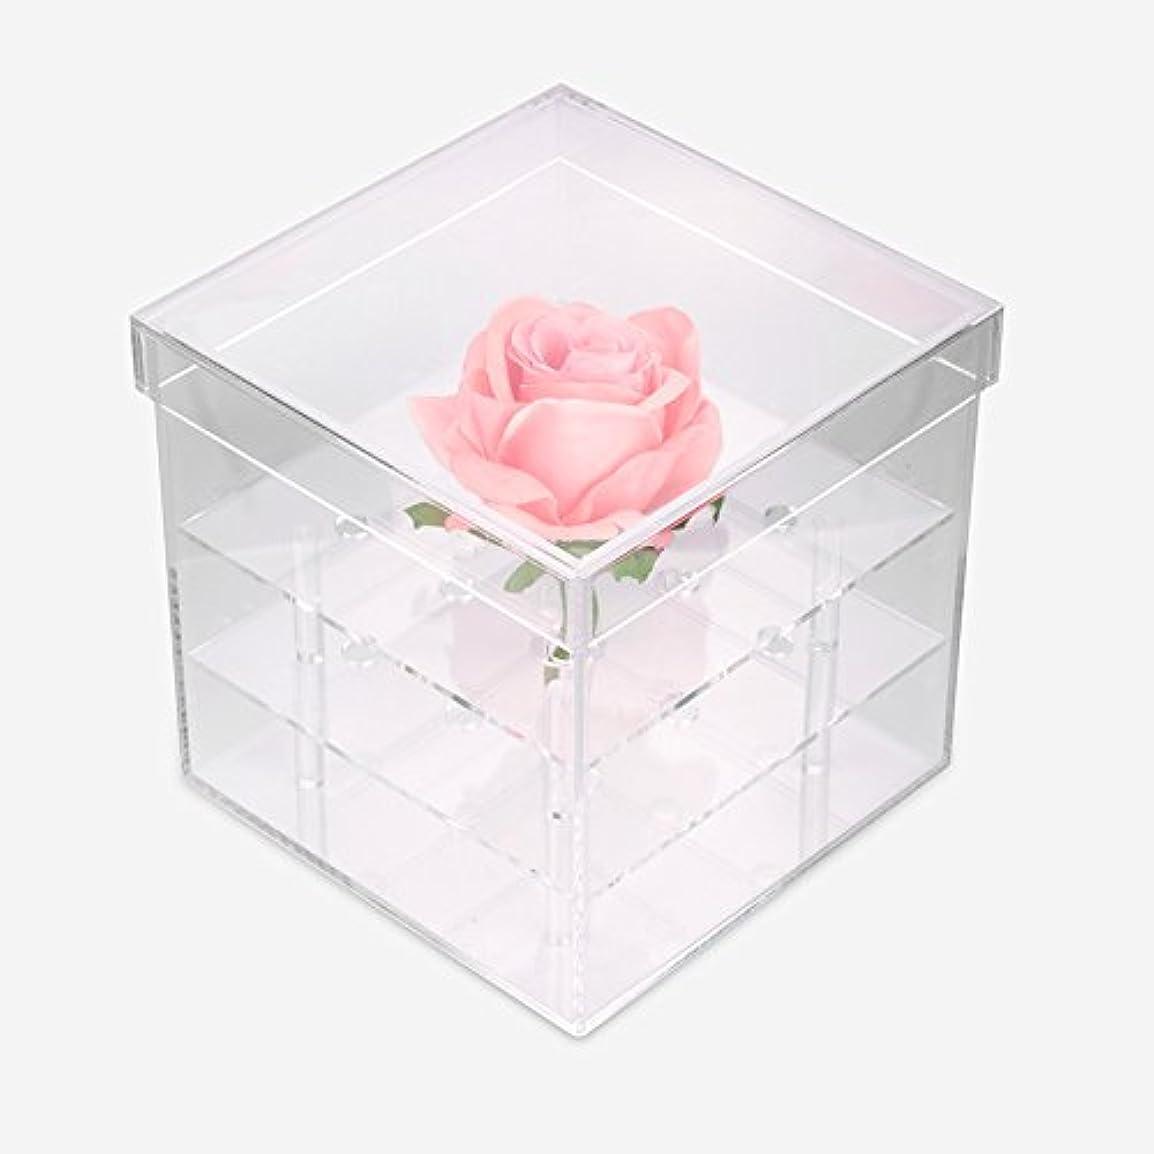 静けさ機関アフリカ透明なアクリルの新鮮なバラのプリザーブドフラワーボックス、多機能の結婚式の花のギフトボックスアイブローペンシル?アイライナー?オーガナイザー?ホルダー(9ホール)